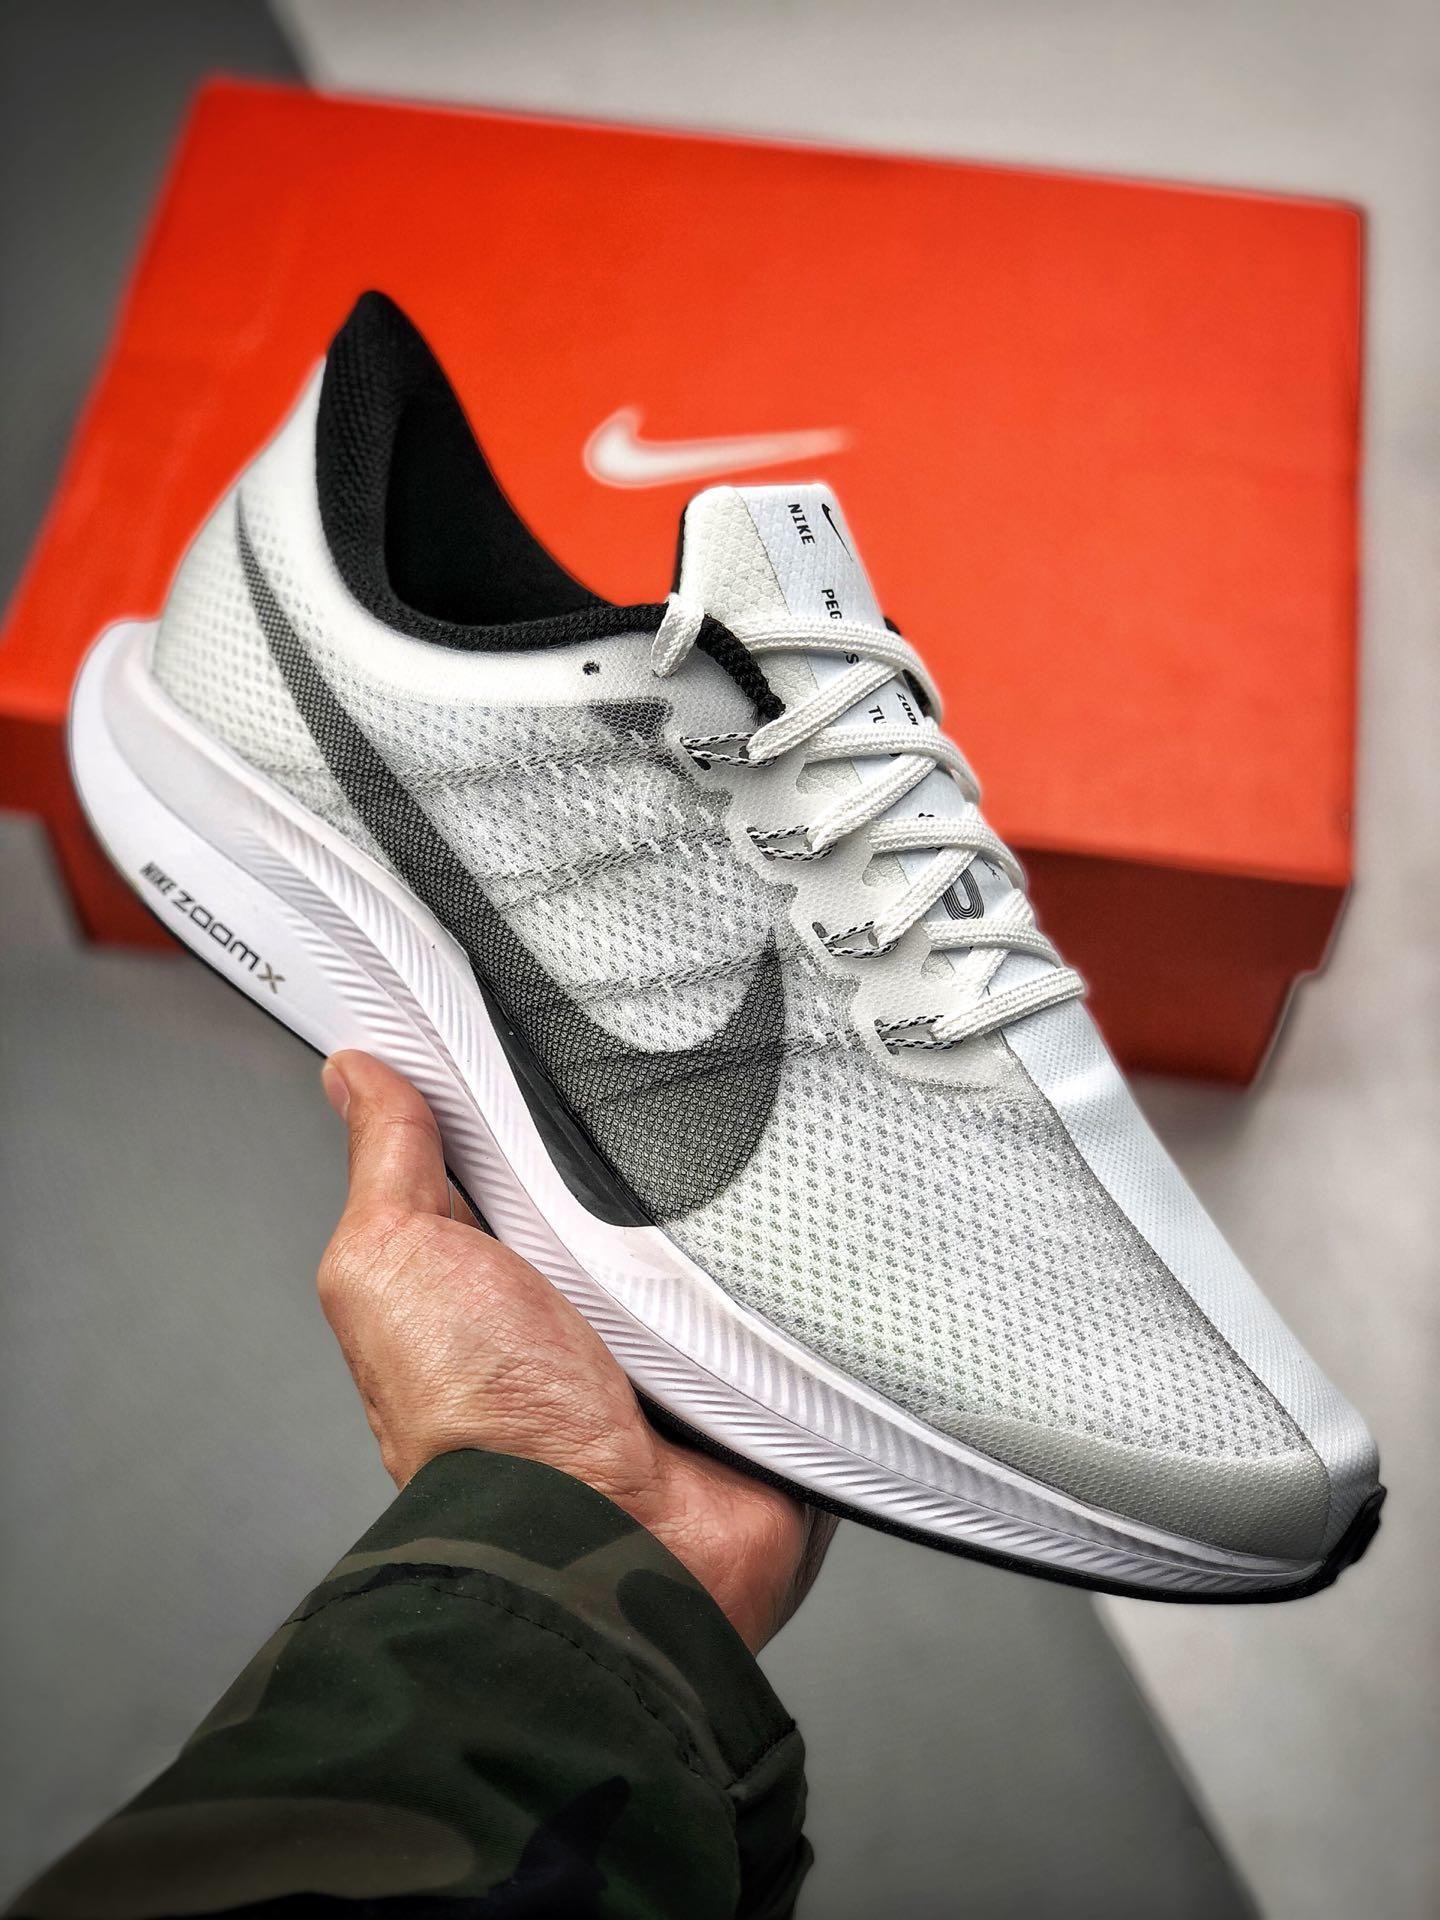 Bajo mandato batalla inferencia  Nike Zoom Pegasus Turbo AJ4114-100 | Zapatos hombre deportivos, Zapatos nike  hombre, Zapatos hombre